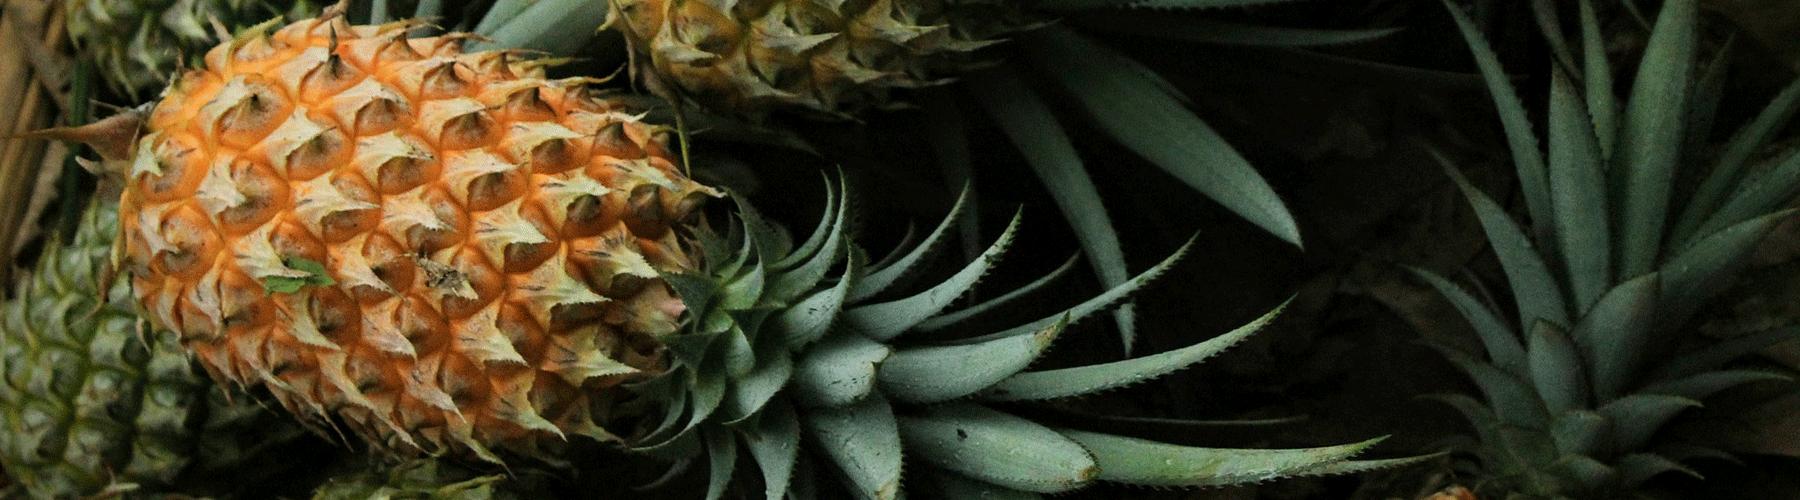 piña congelada